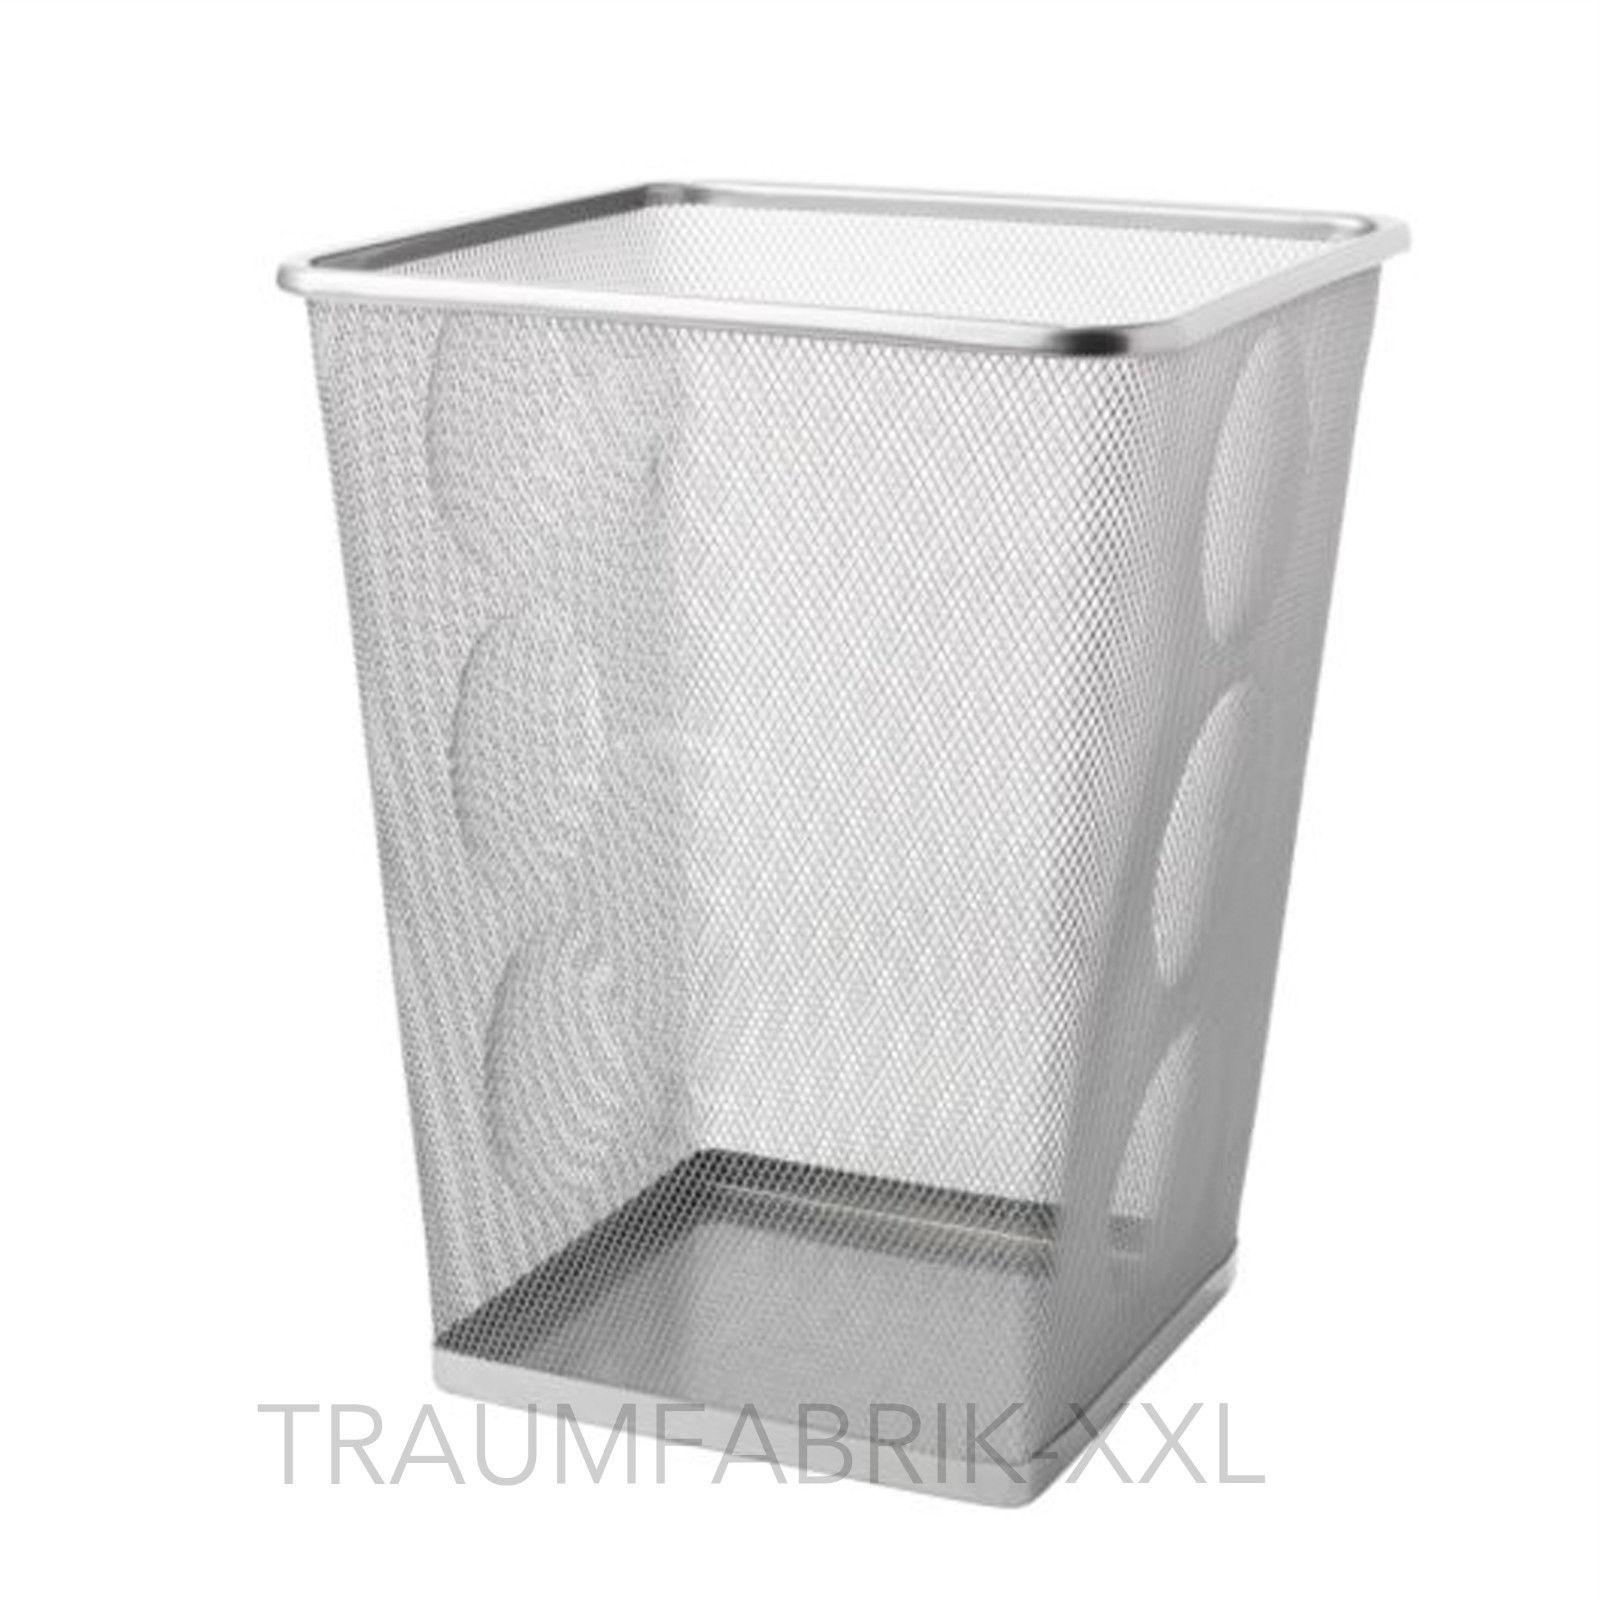 Papierkorb Metall Papiersammler Drahtkorb Papiereimer Mülleimer Abfallkorb Büro